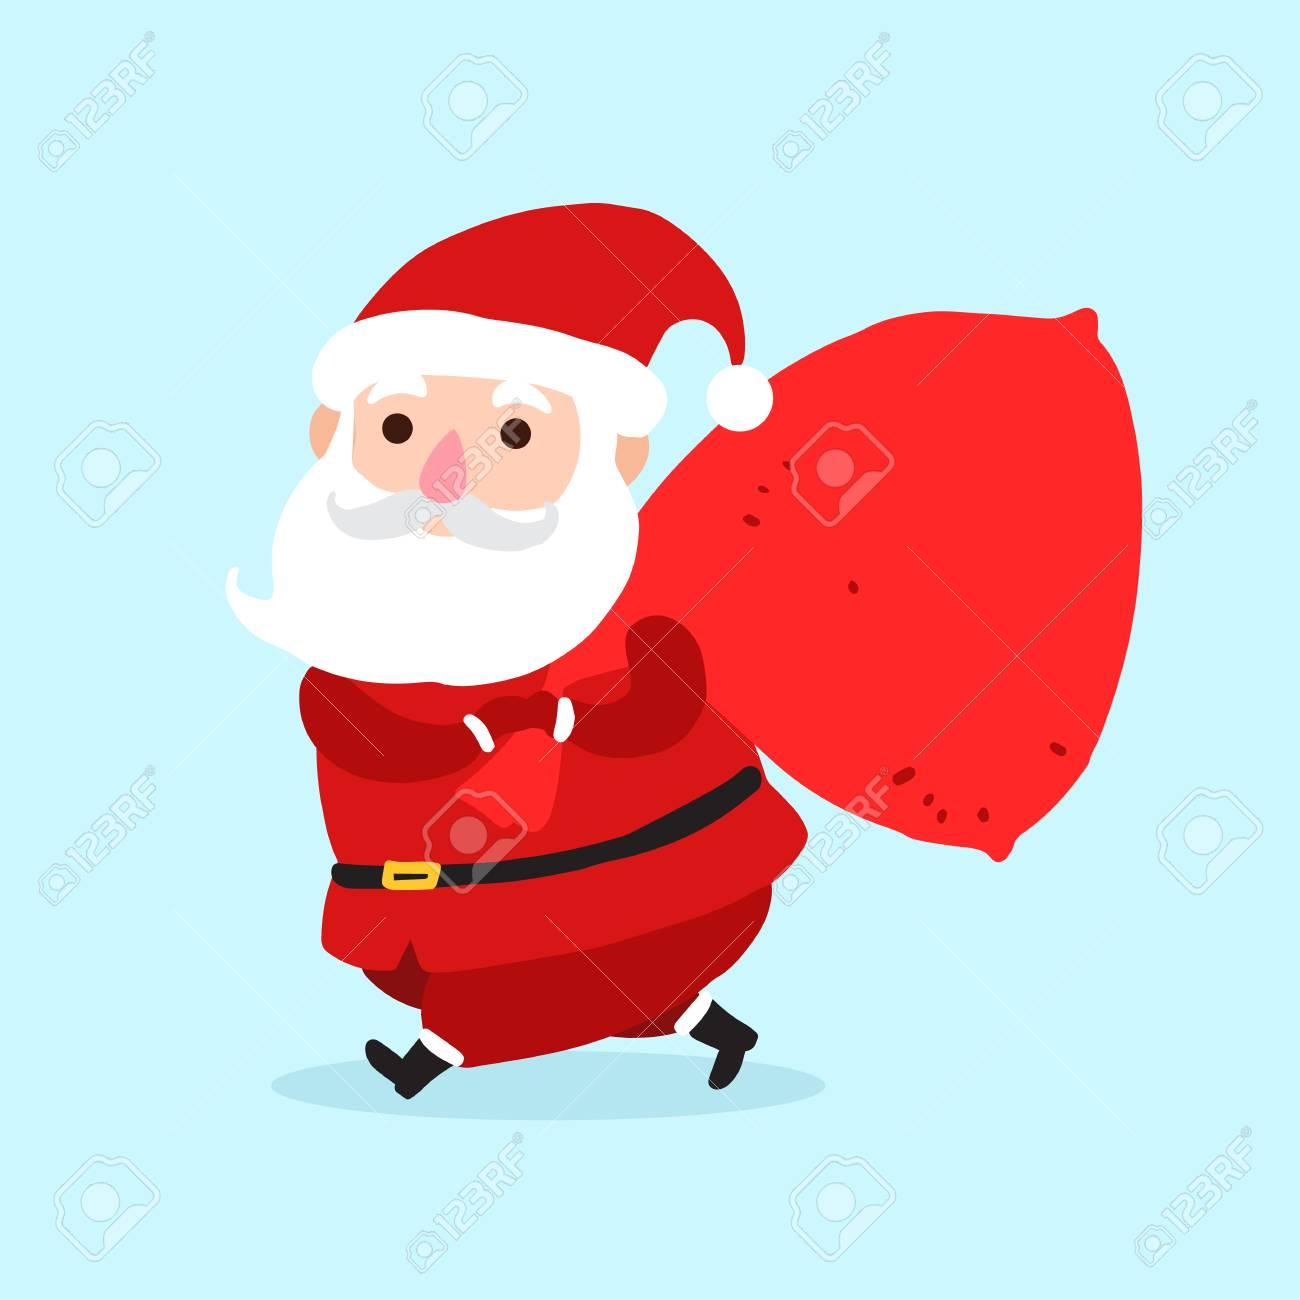 Immagini Babbo Natale Con Sacco.Babbo Natale Con Icona Di Personaggio Dei Cartoni Animati Di Sacco Isolato Su Priorita Bassa Blu Priorita Bassa Della Santa Per La Cartolina D Auguri